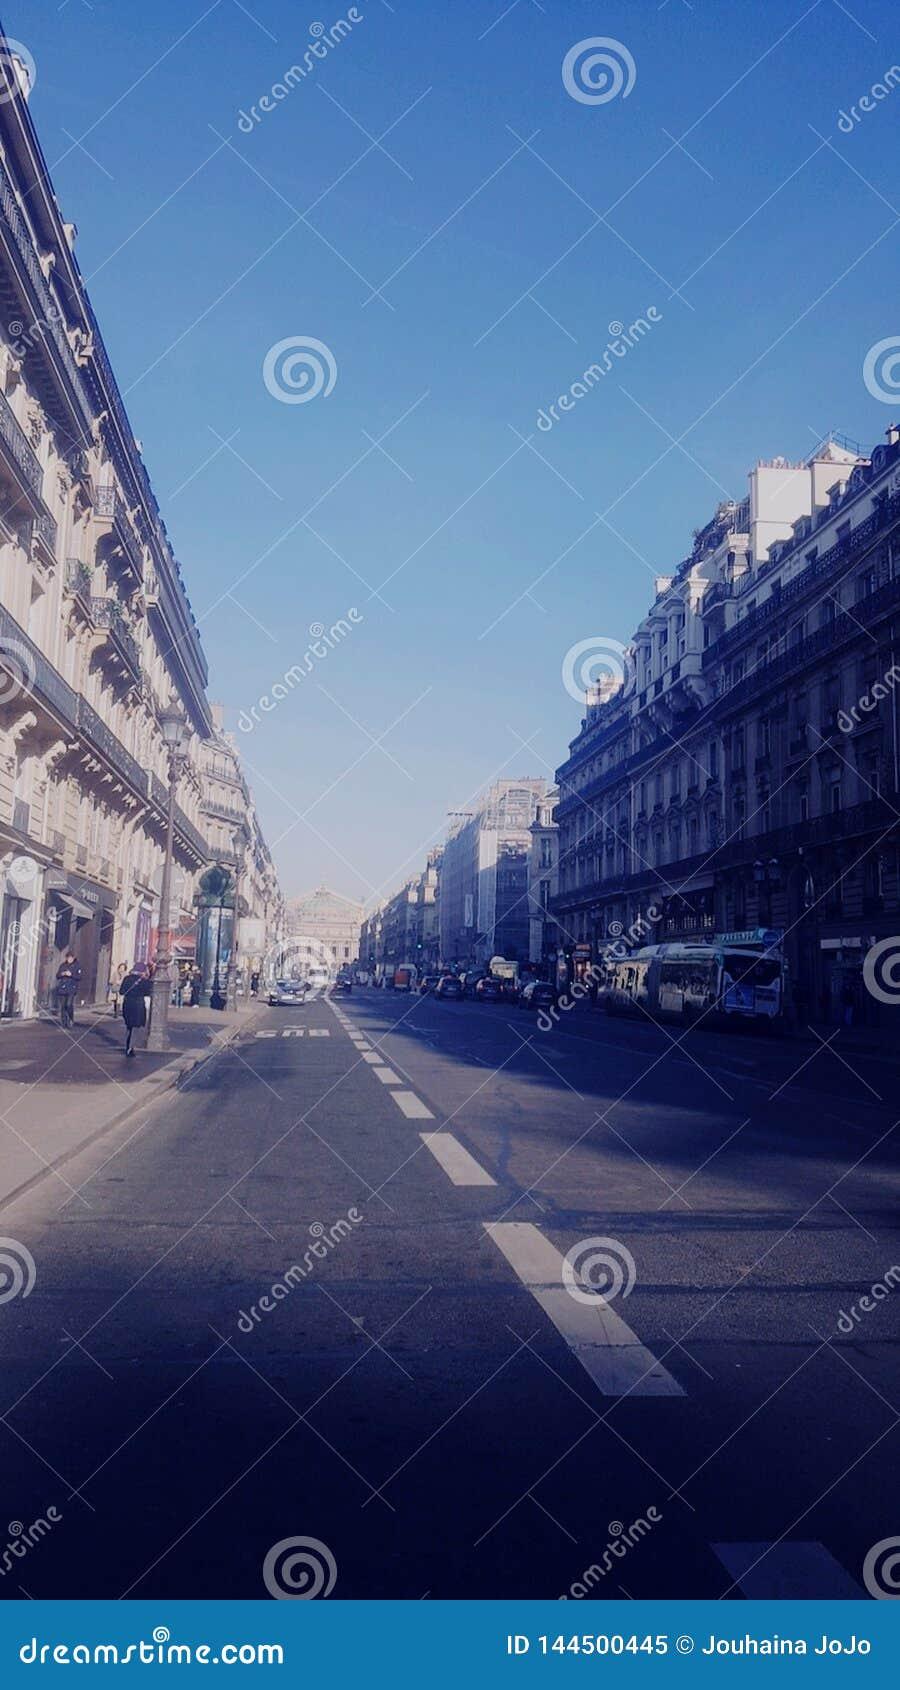 Fotografia della via a Parigi